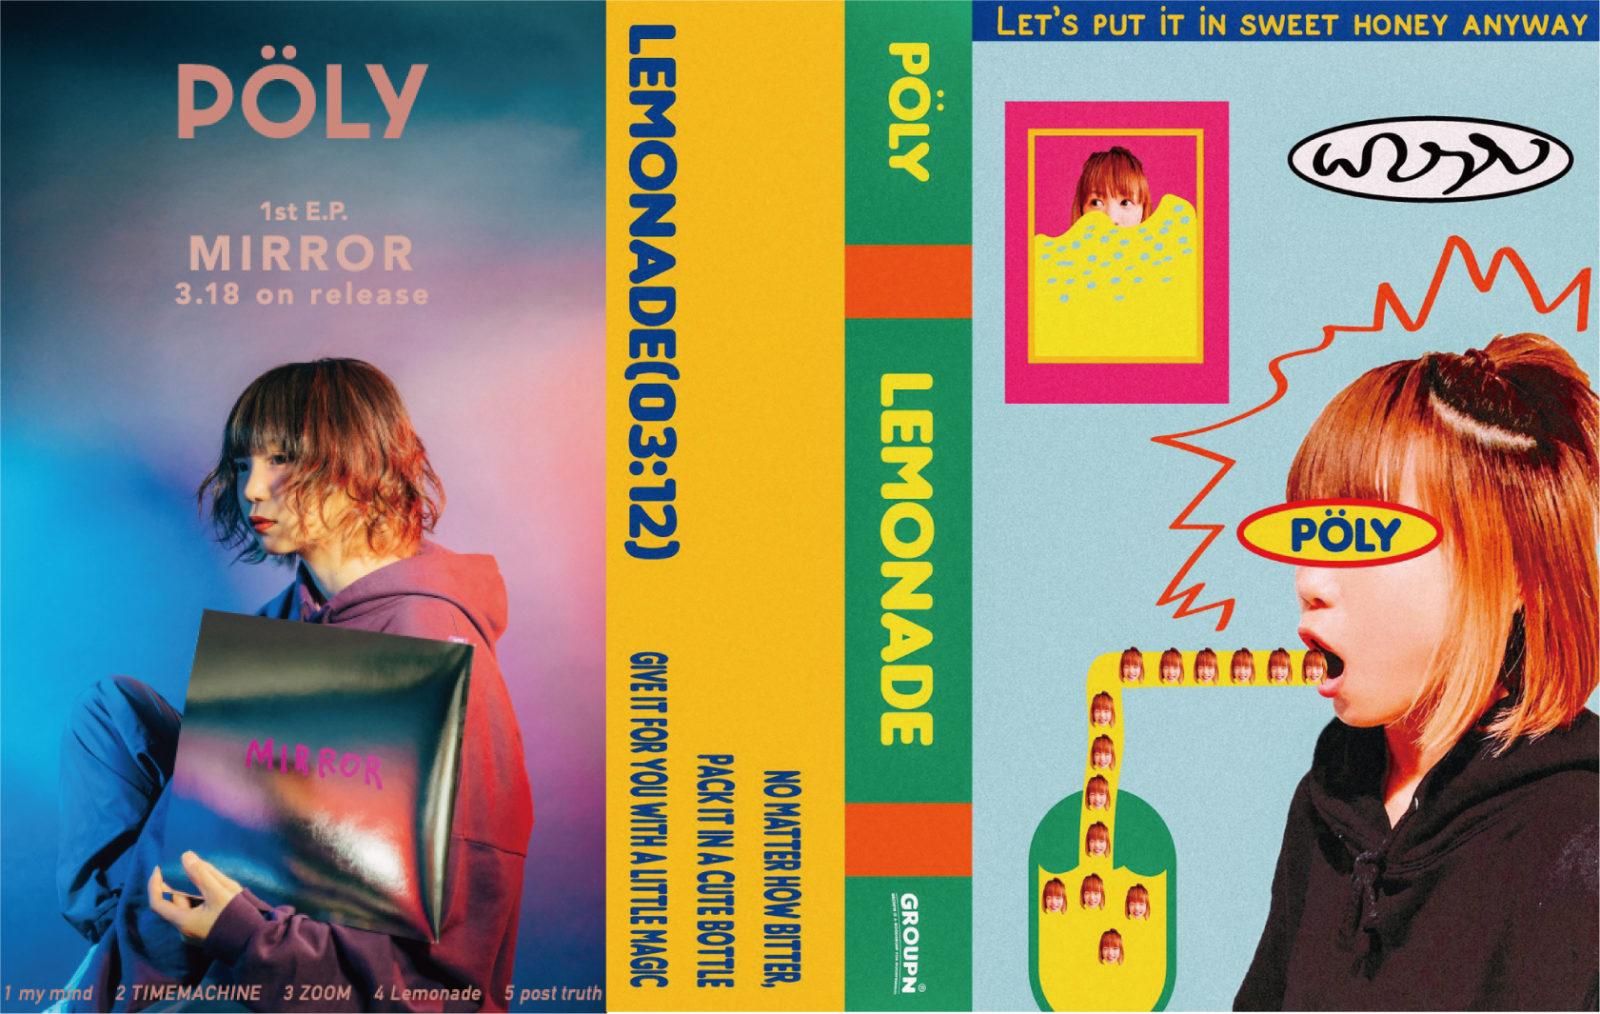 やすだちひろによる新プロジェクト「POLY」が1stミニアルバム『MIRROR』リリース&ラフォーレ原宿POPUP開催サムネイル画像